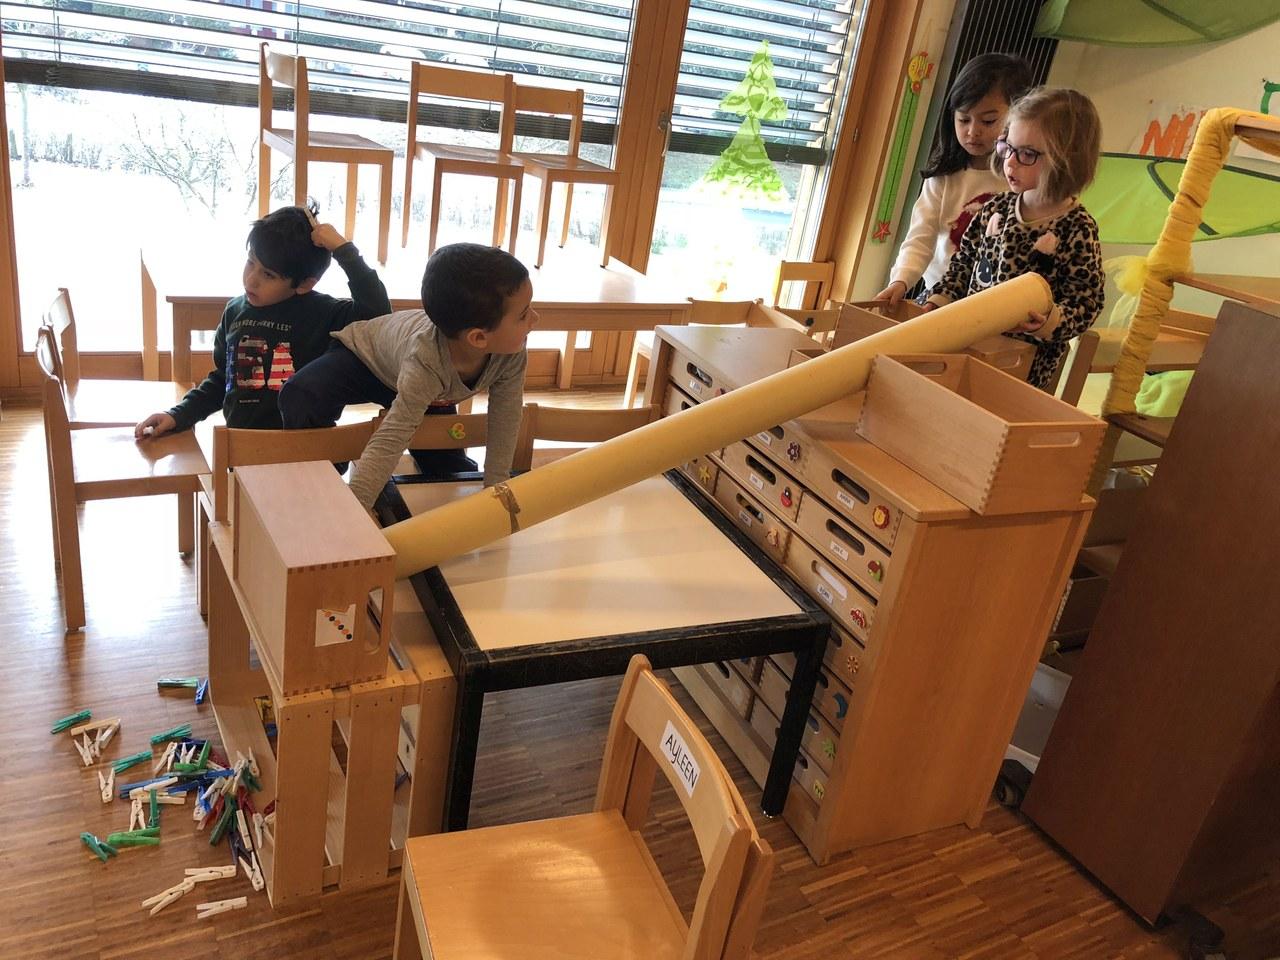 Aus Karton, Möbeln und Wäscheklammern entsteht etwas Neues.